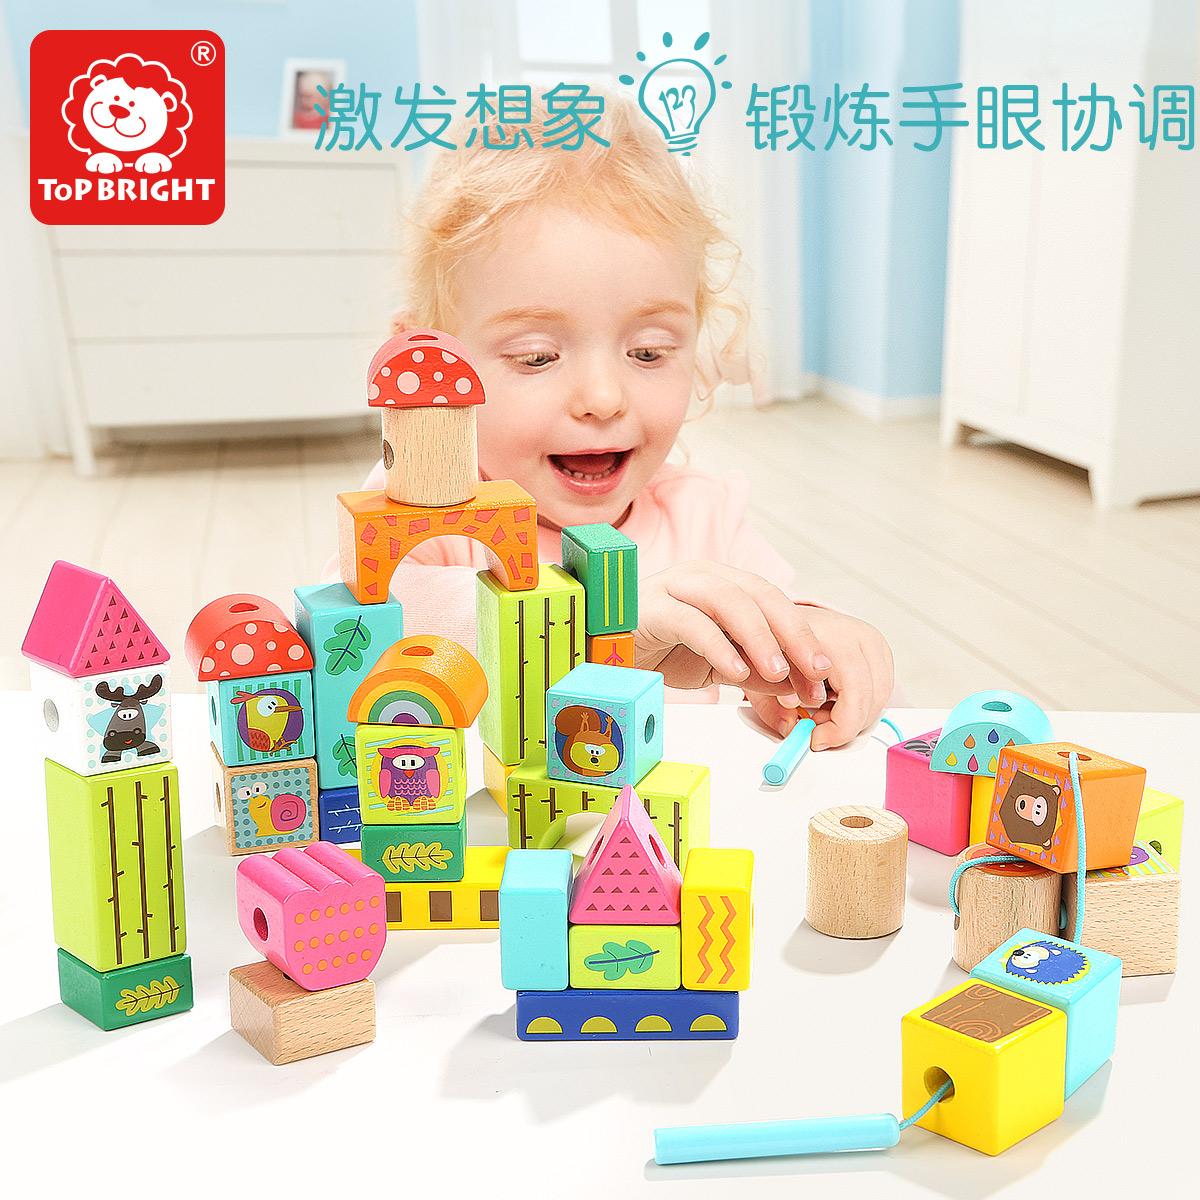 一岁宝宝益智积木串珠儿童玩具婴儿1-2-3岁女孩珠子手工穿线穿绳